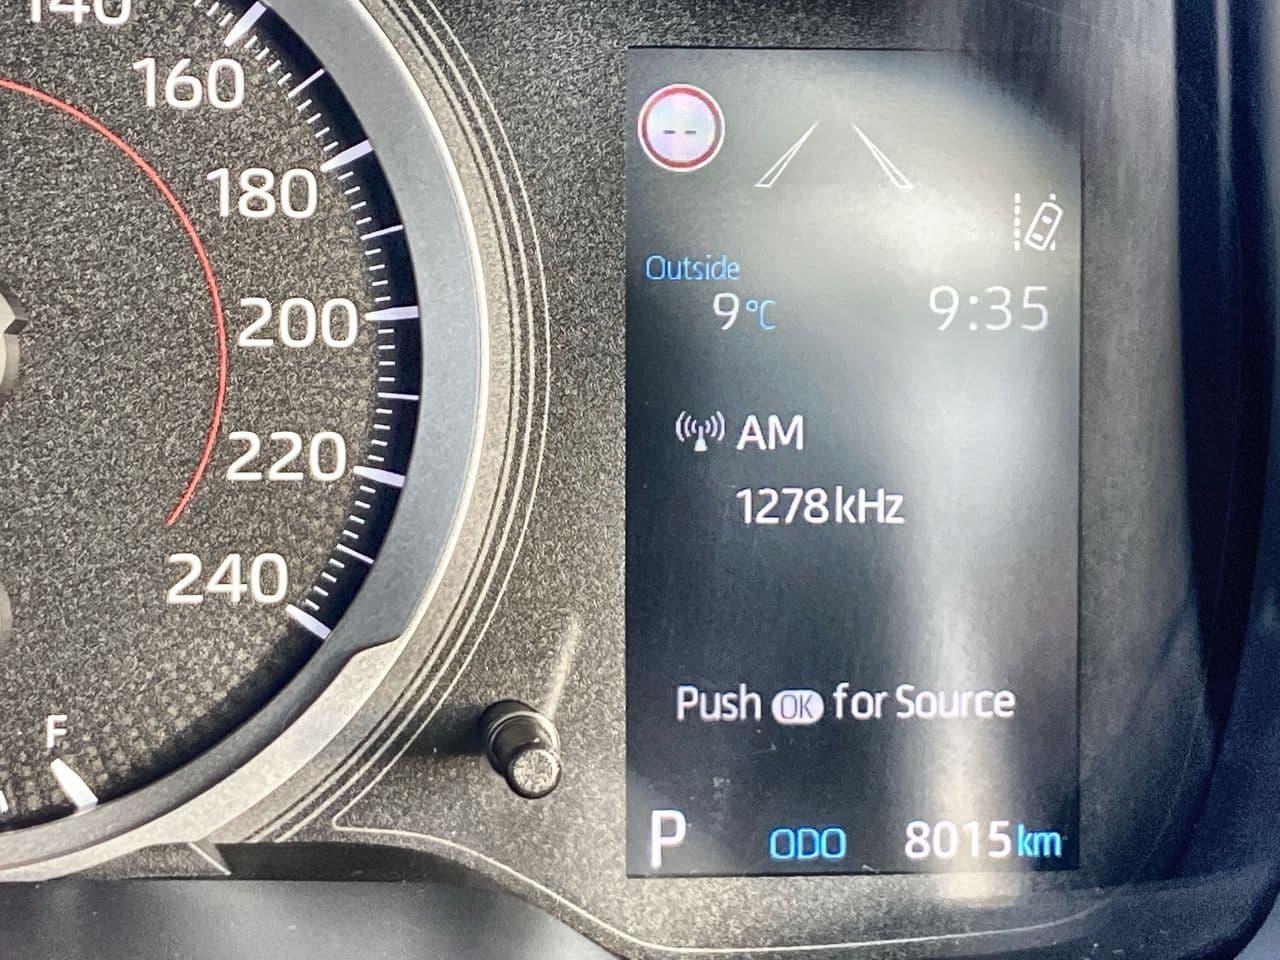 2018 Toyota Corolla SX Auto - image 19